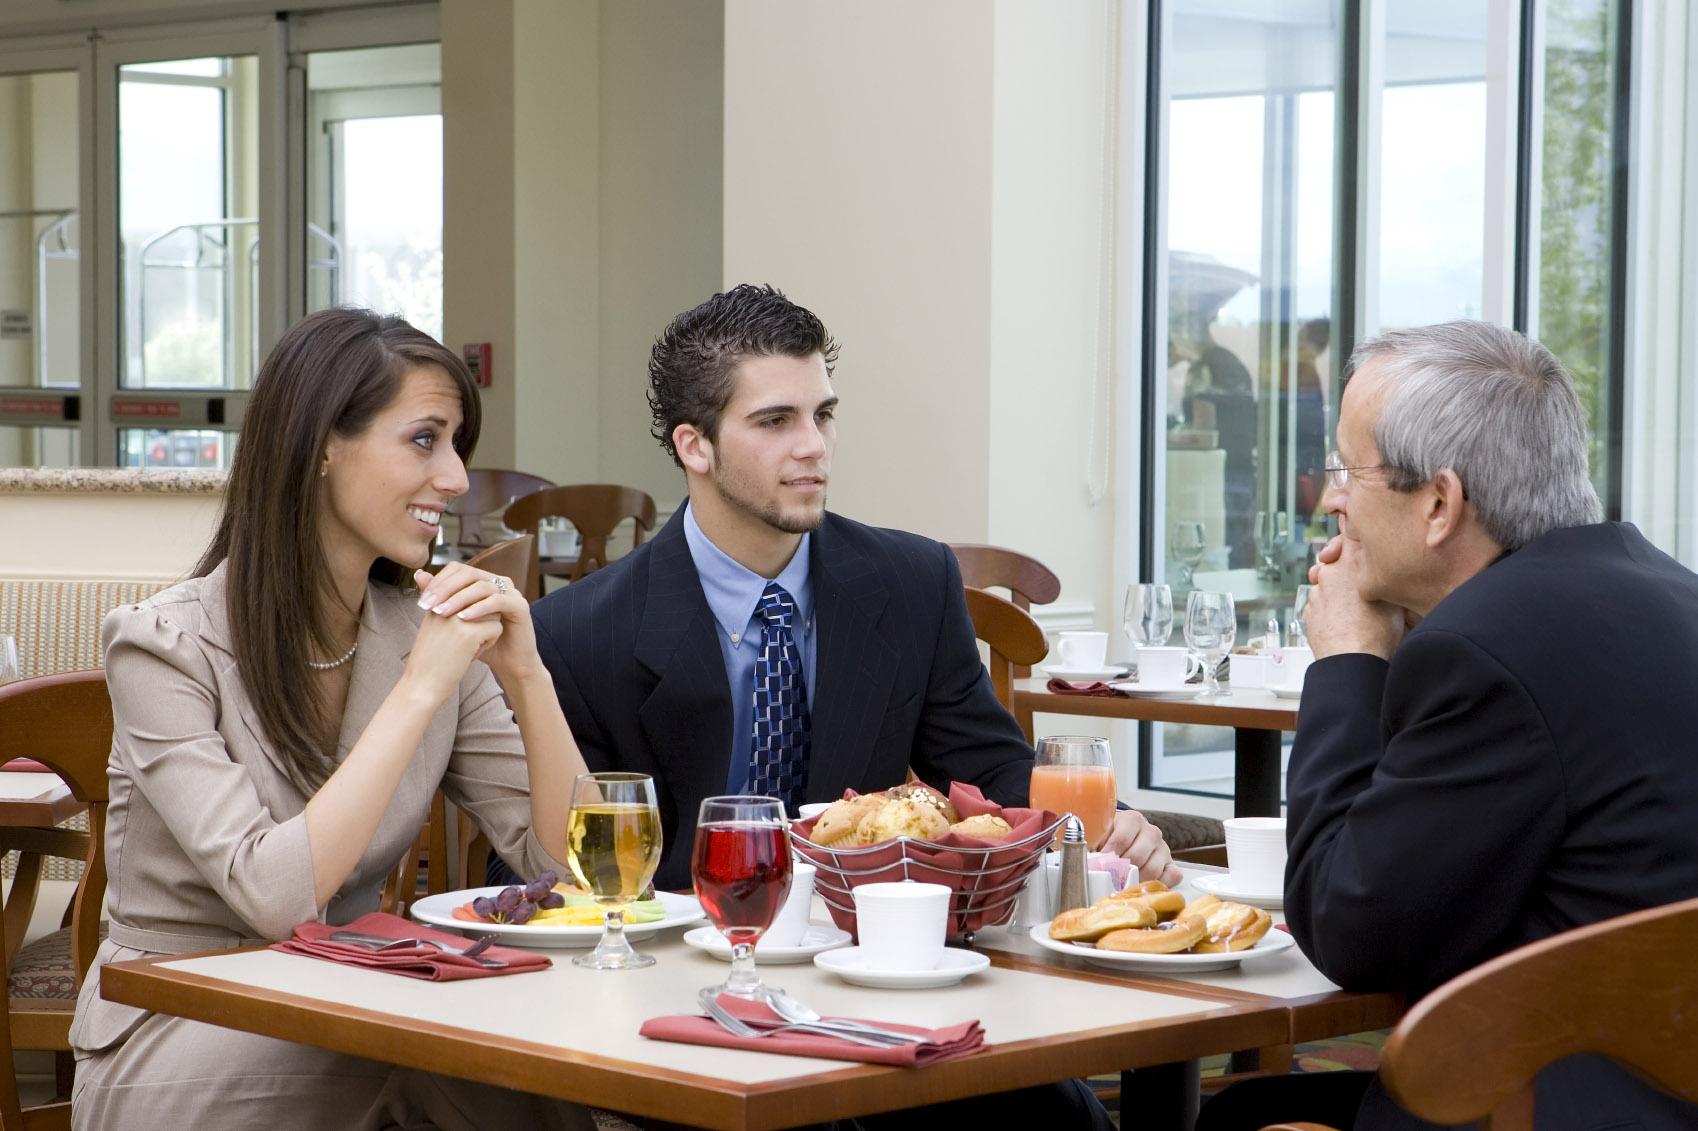 business lunch etiquette